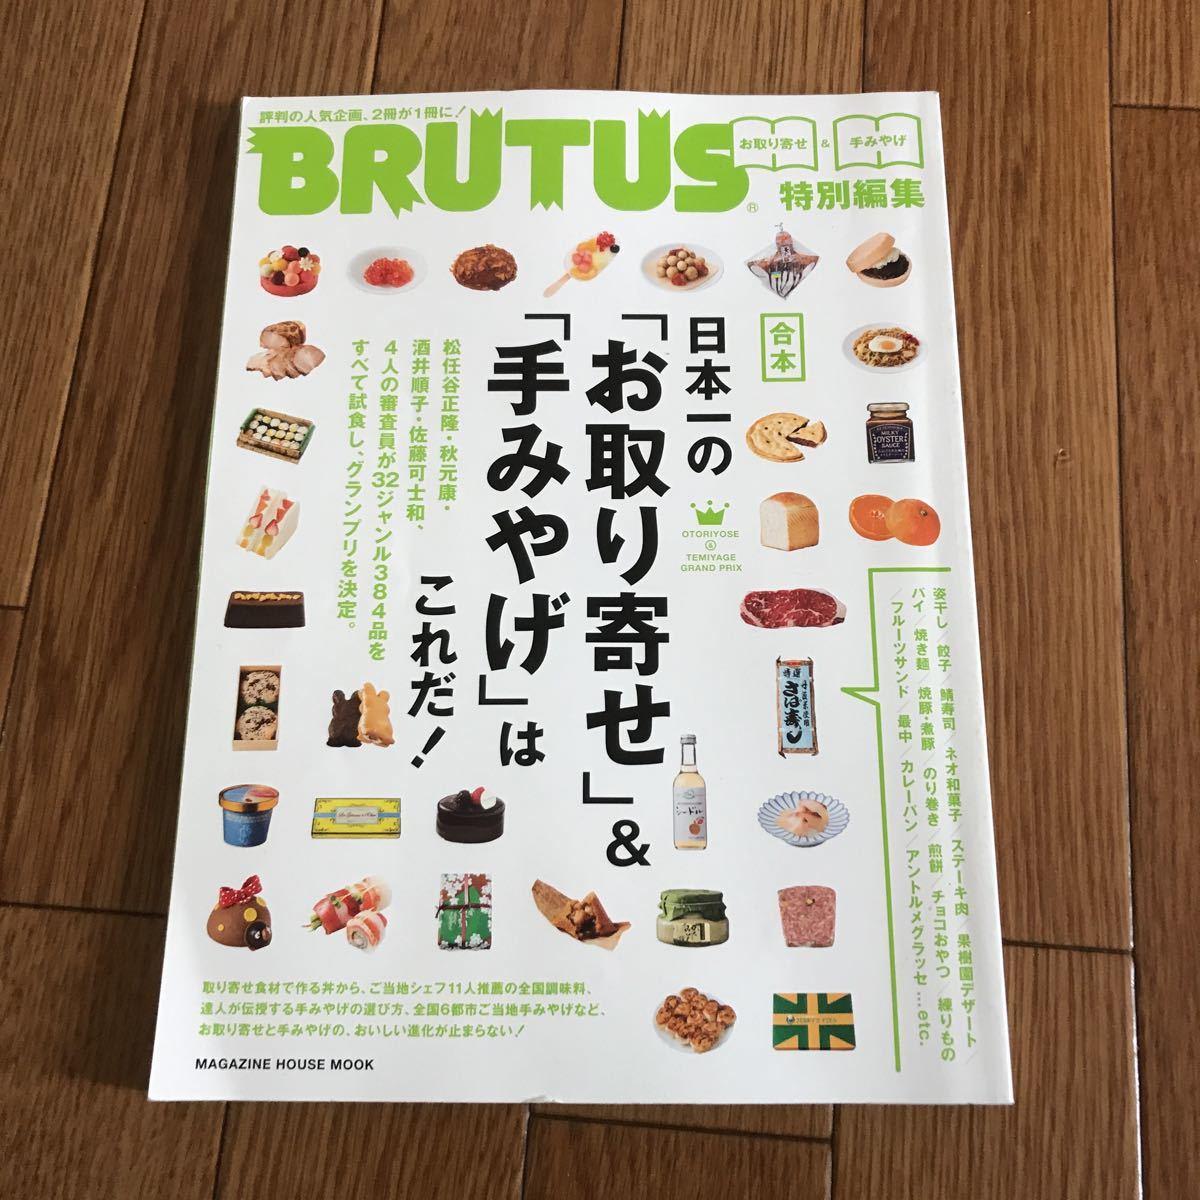 BRUTUS ブルータス 特別編集 合本 日本一の「お取り寄せ」&「手みやげ」はこれだ!_画像1